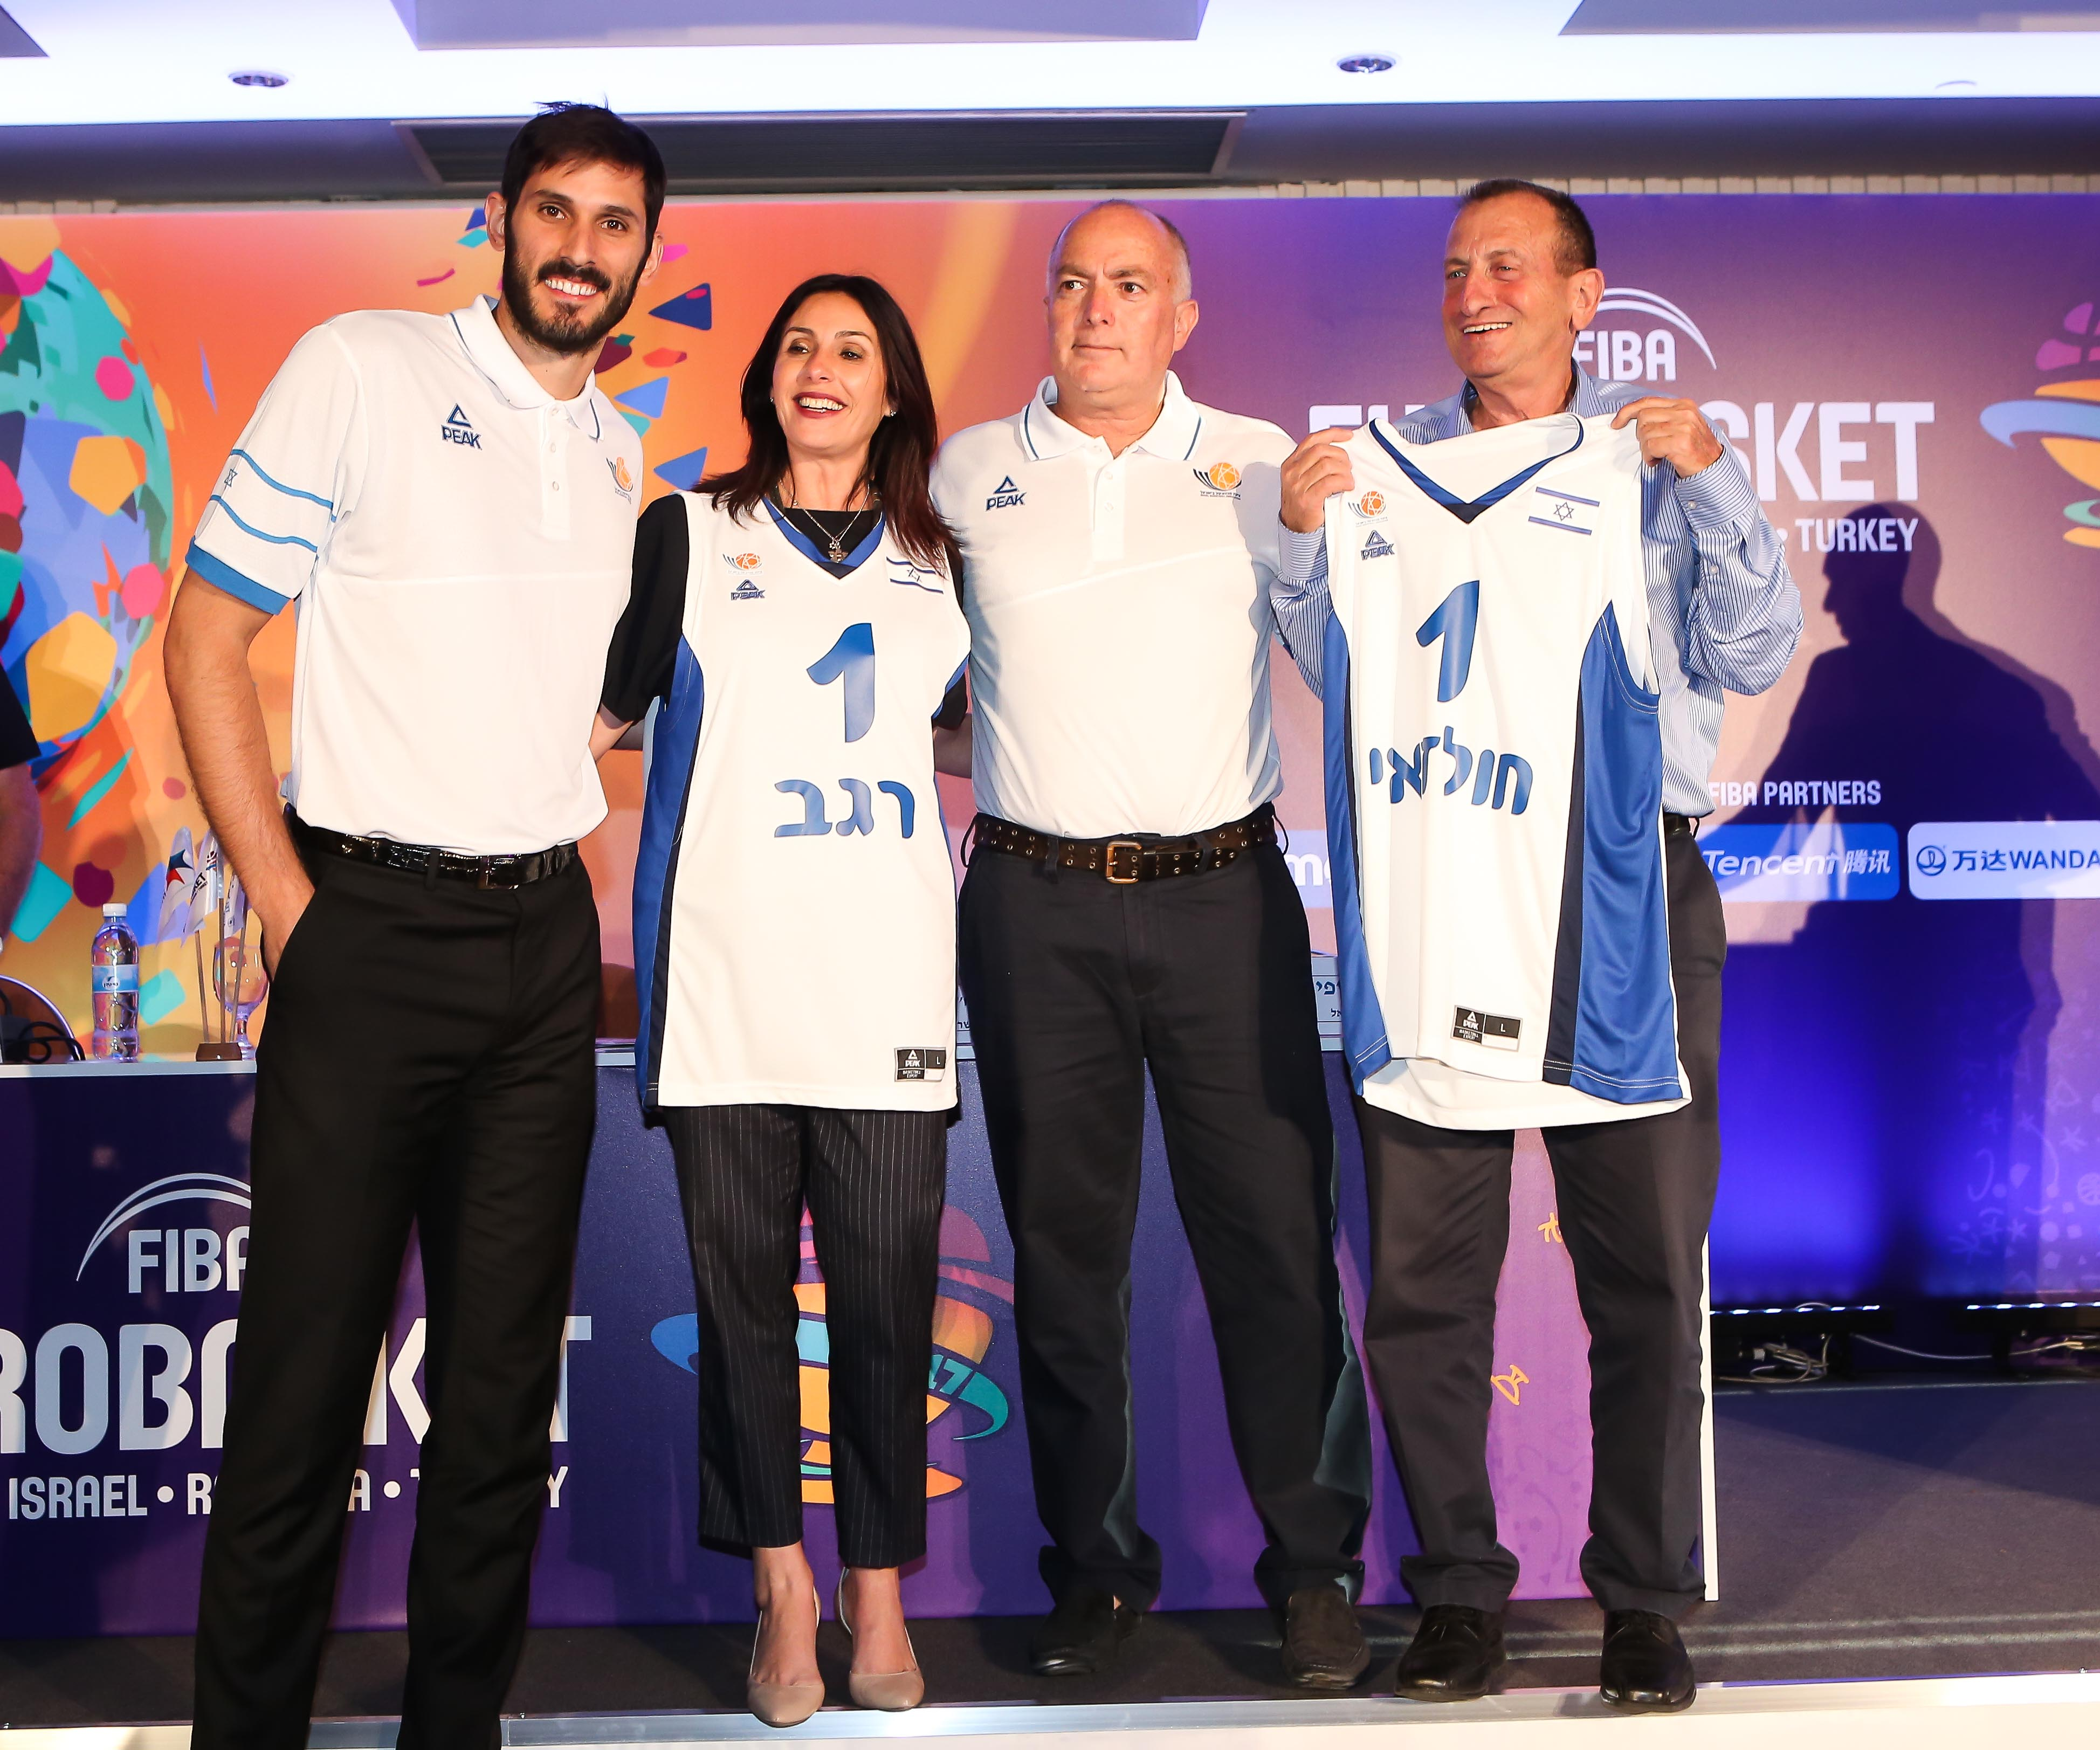 """האיגוד ימכור 7,500 כרטיסים מוזלים ליורובאסקט ב-35 ש""""ח לכרטיס, כולל 500 לכל משחק נבחרת ישראל"""